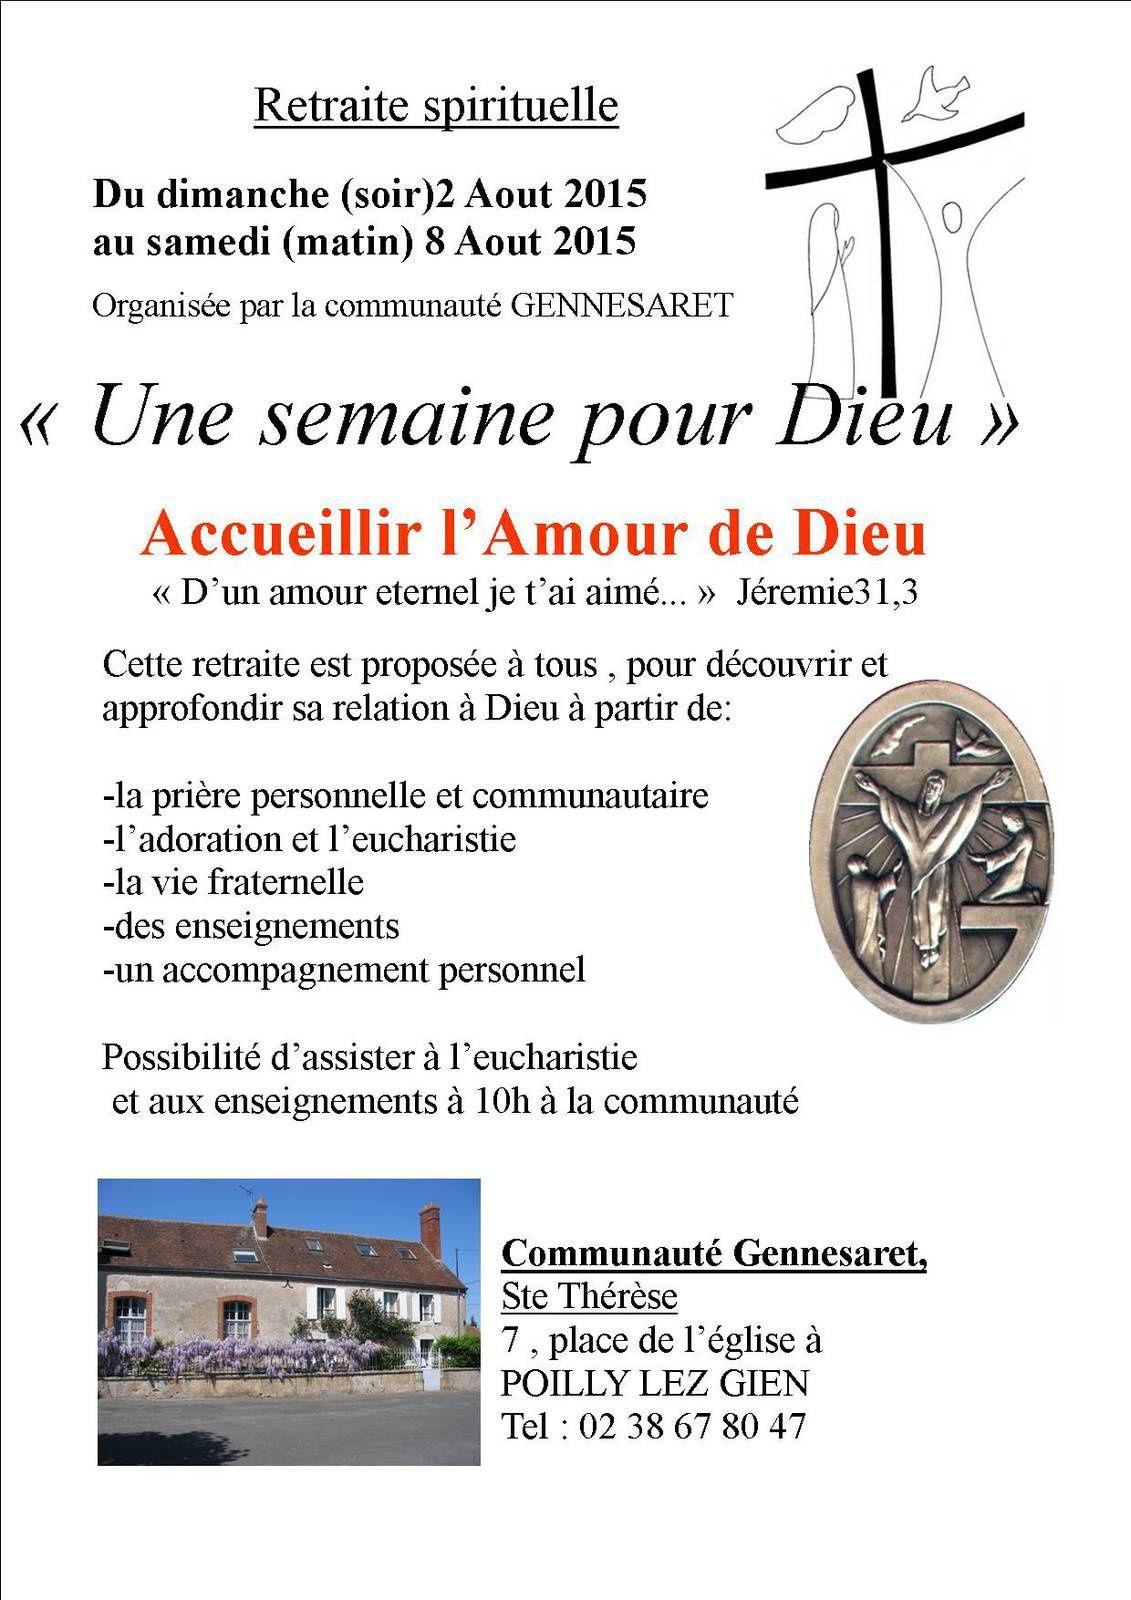 """2-8 Aout : Inscrivez-vous à """"Une semaine pour Dieu"""" à Gennesaret (Poilly)"""